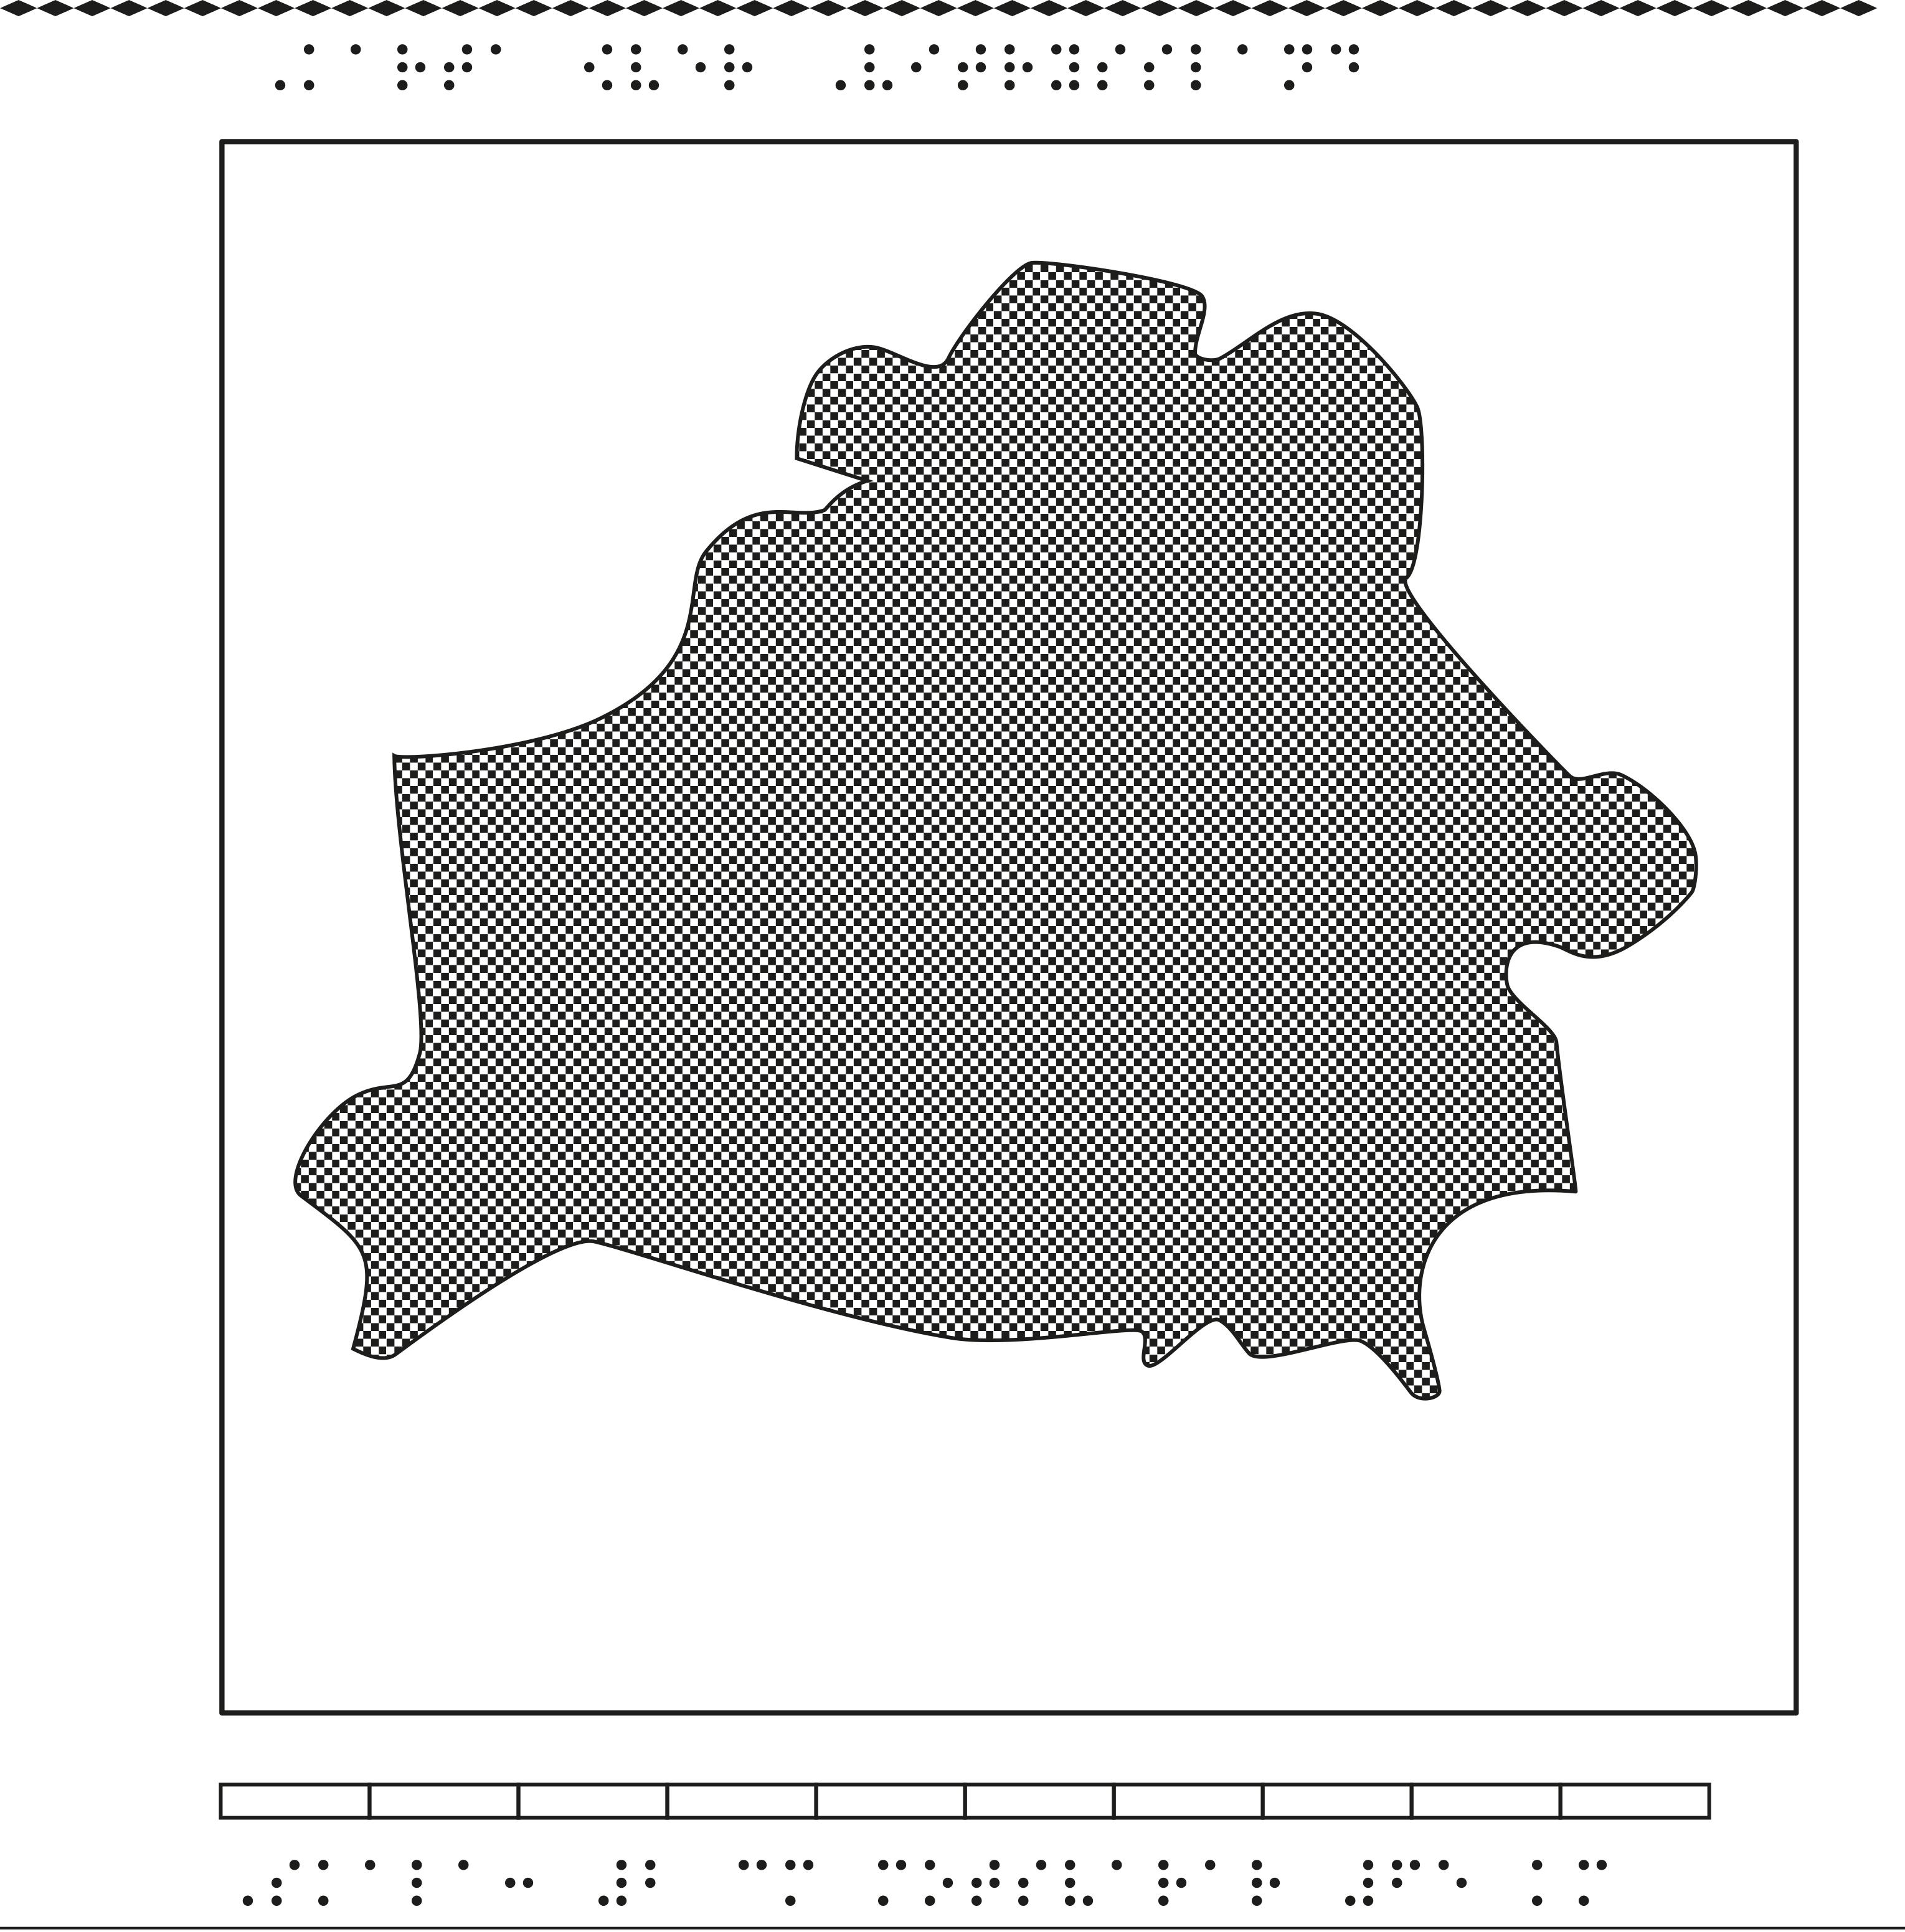 Karta av Vitryssland i relief med tillhörande punktskrift.